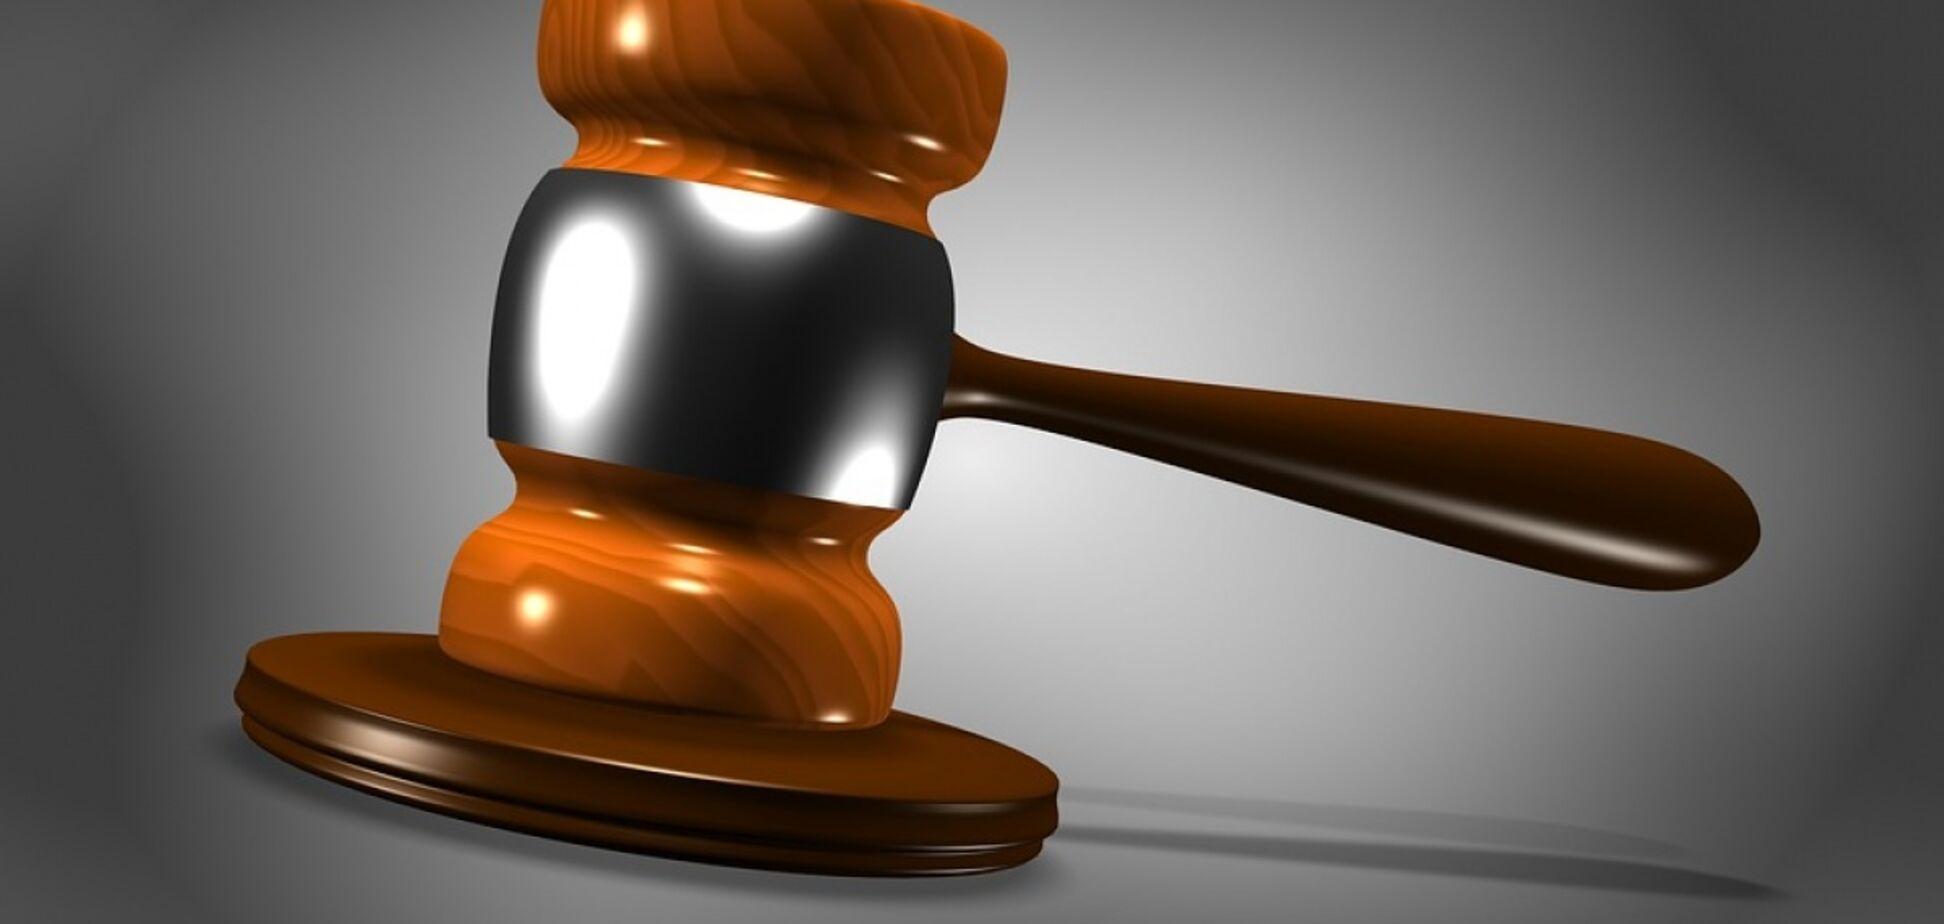 Печерский суд отпустил подозреваемых в покушении на главу ГПЗКУ за 350 тыс. грн